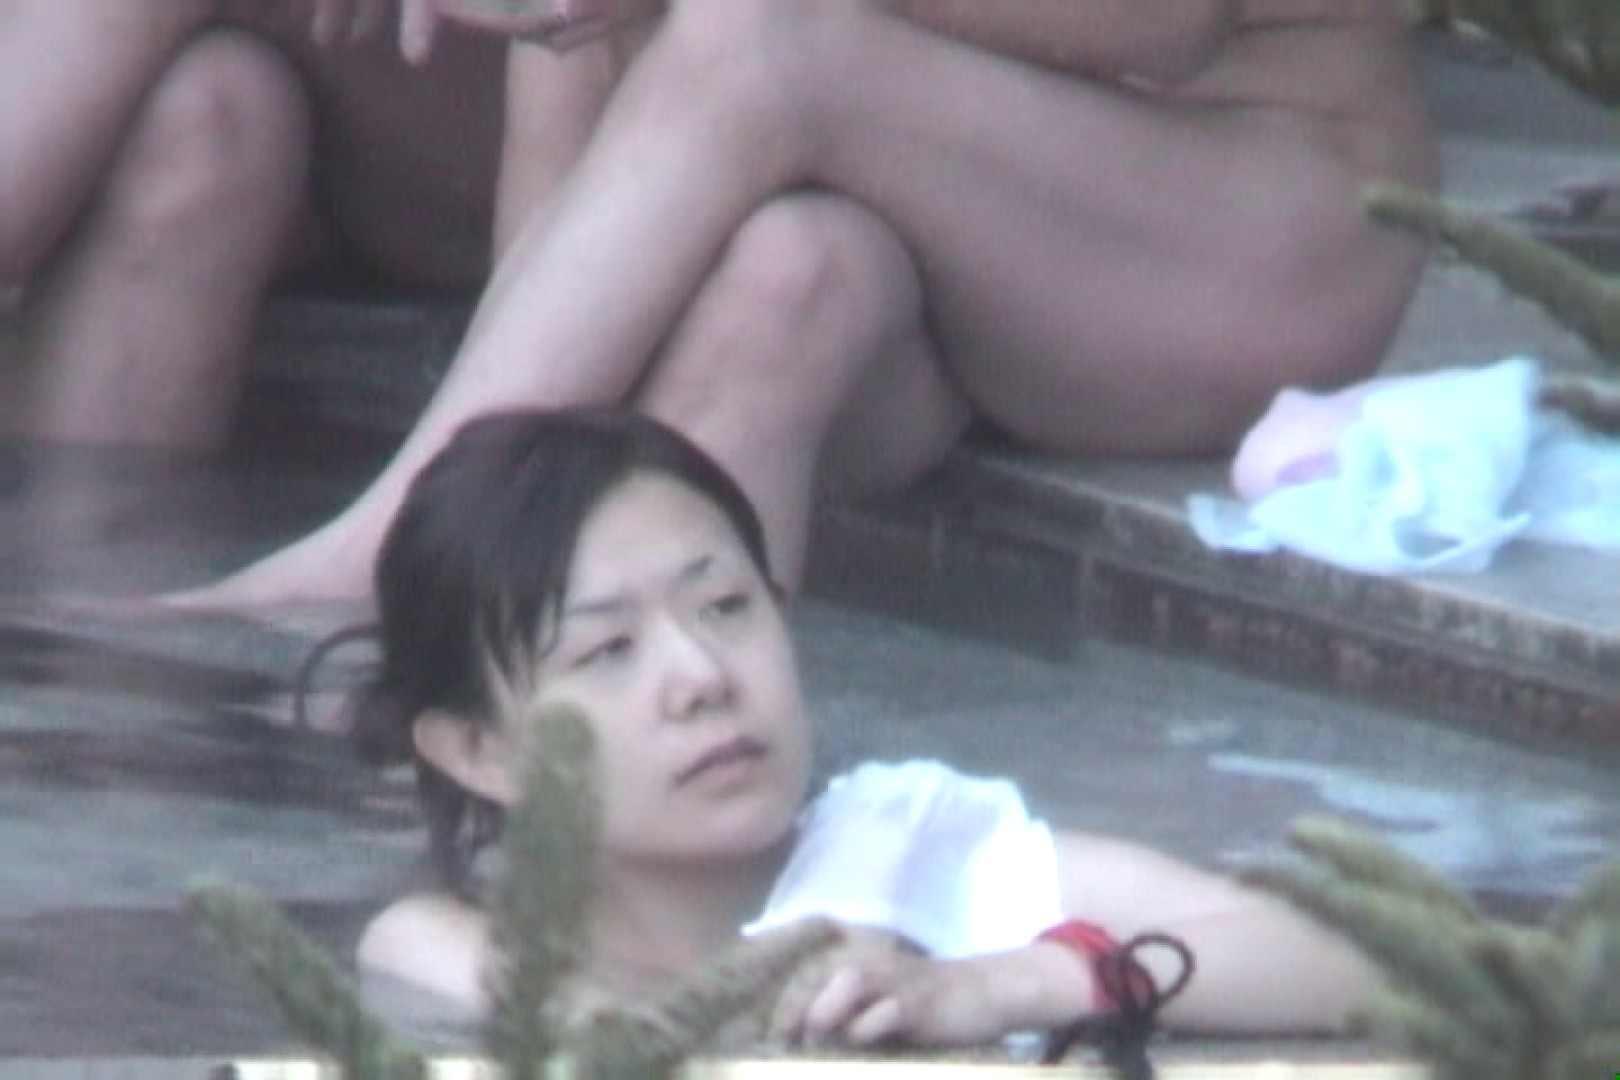 Aquaな露天風呂Vol.609 盗撮シリーズ  107PIX 20